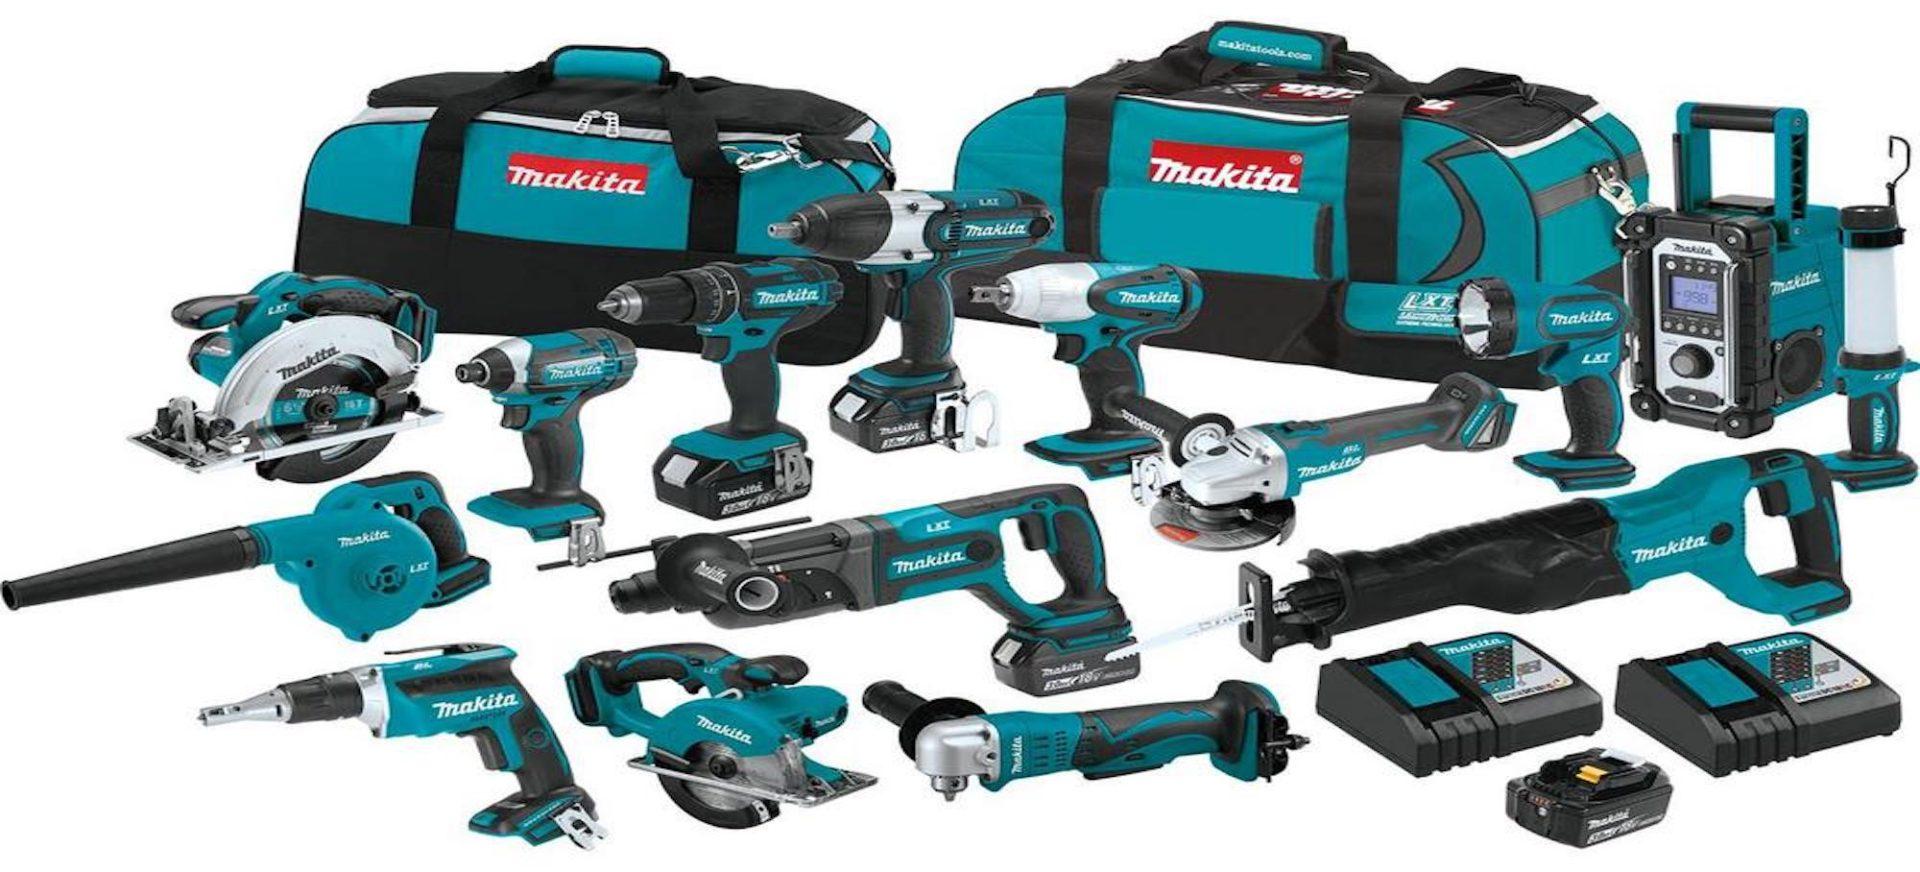 makita-power-tool-combo-kits-xt1501-64_1000